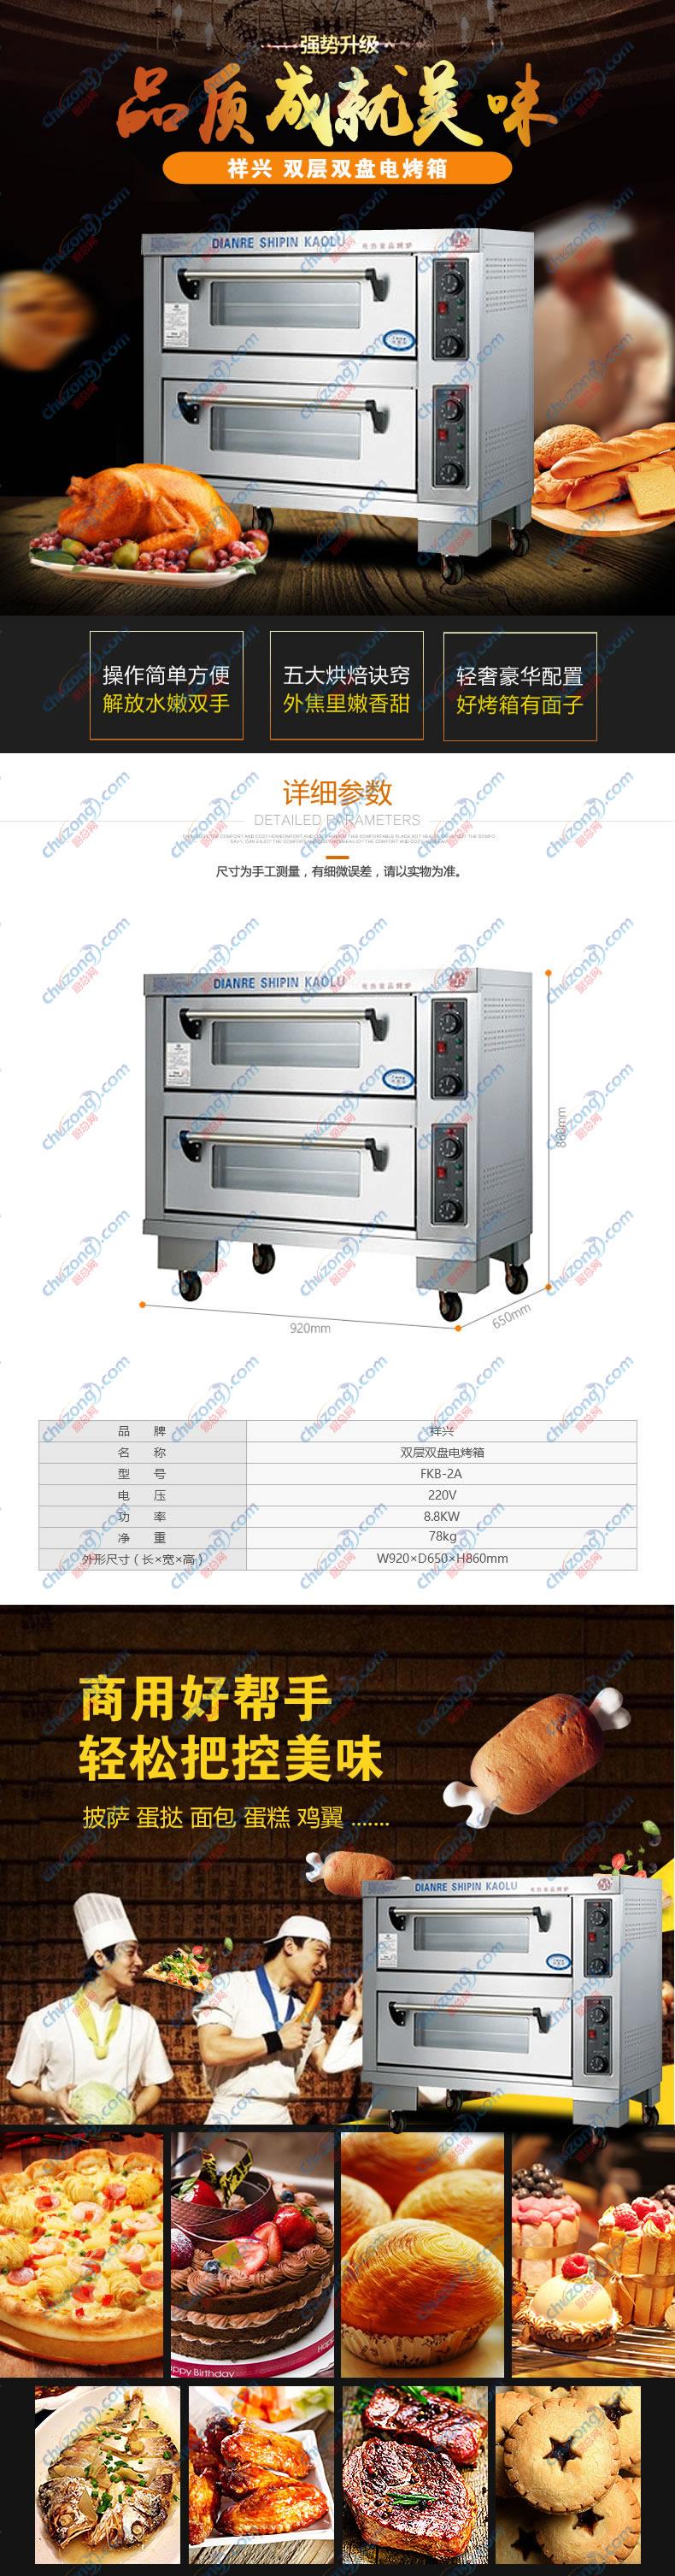 祥兴电烤箱图片